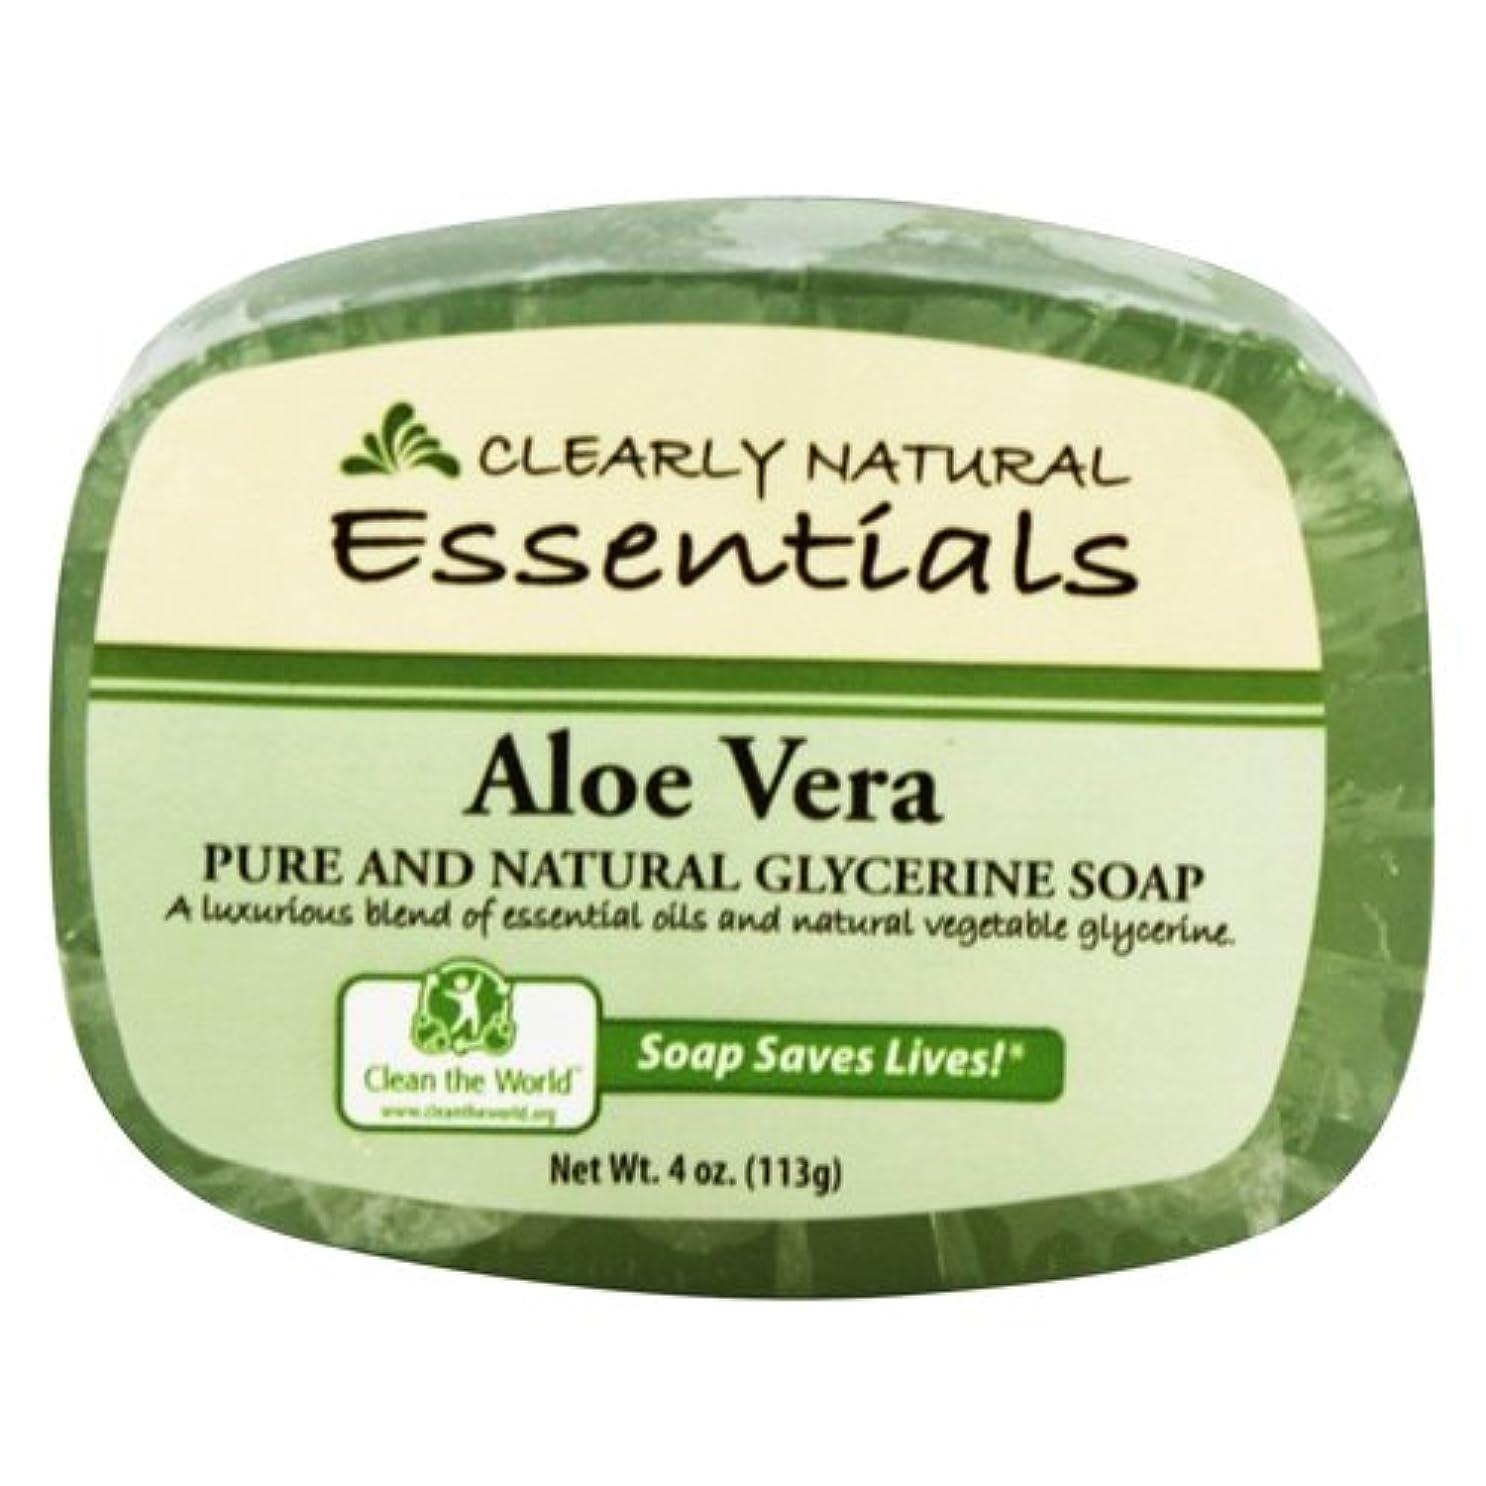 爆弾テンポ困惑したClearly Natural - グリセリン石鹸アロエベラ - 4ポンド